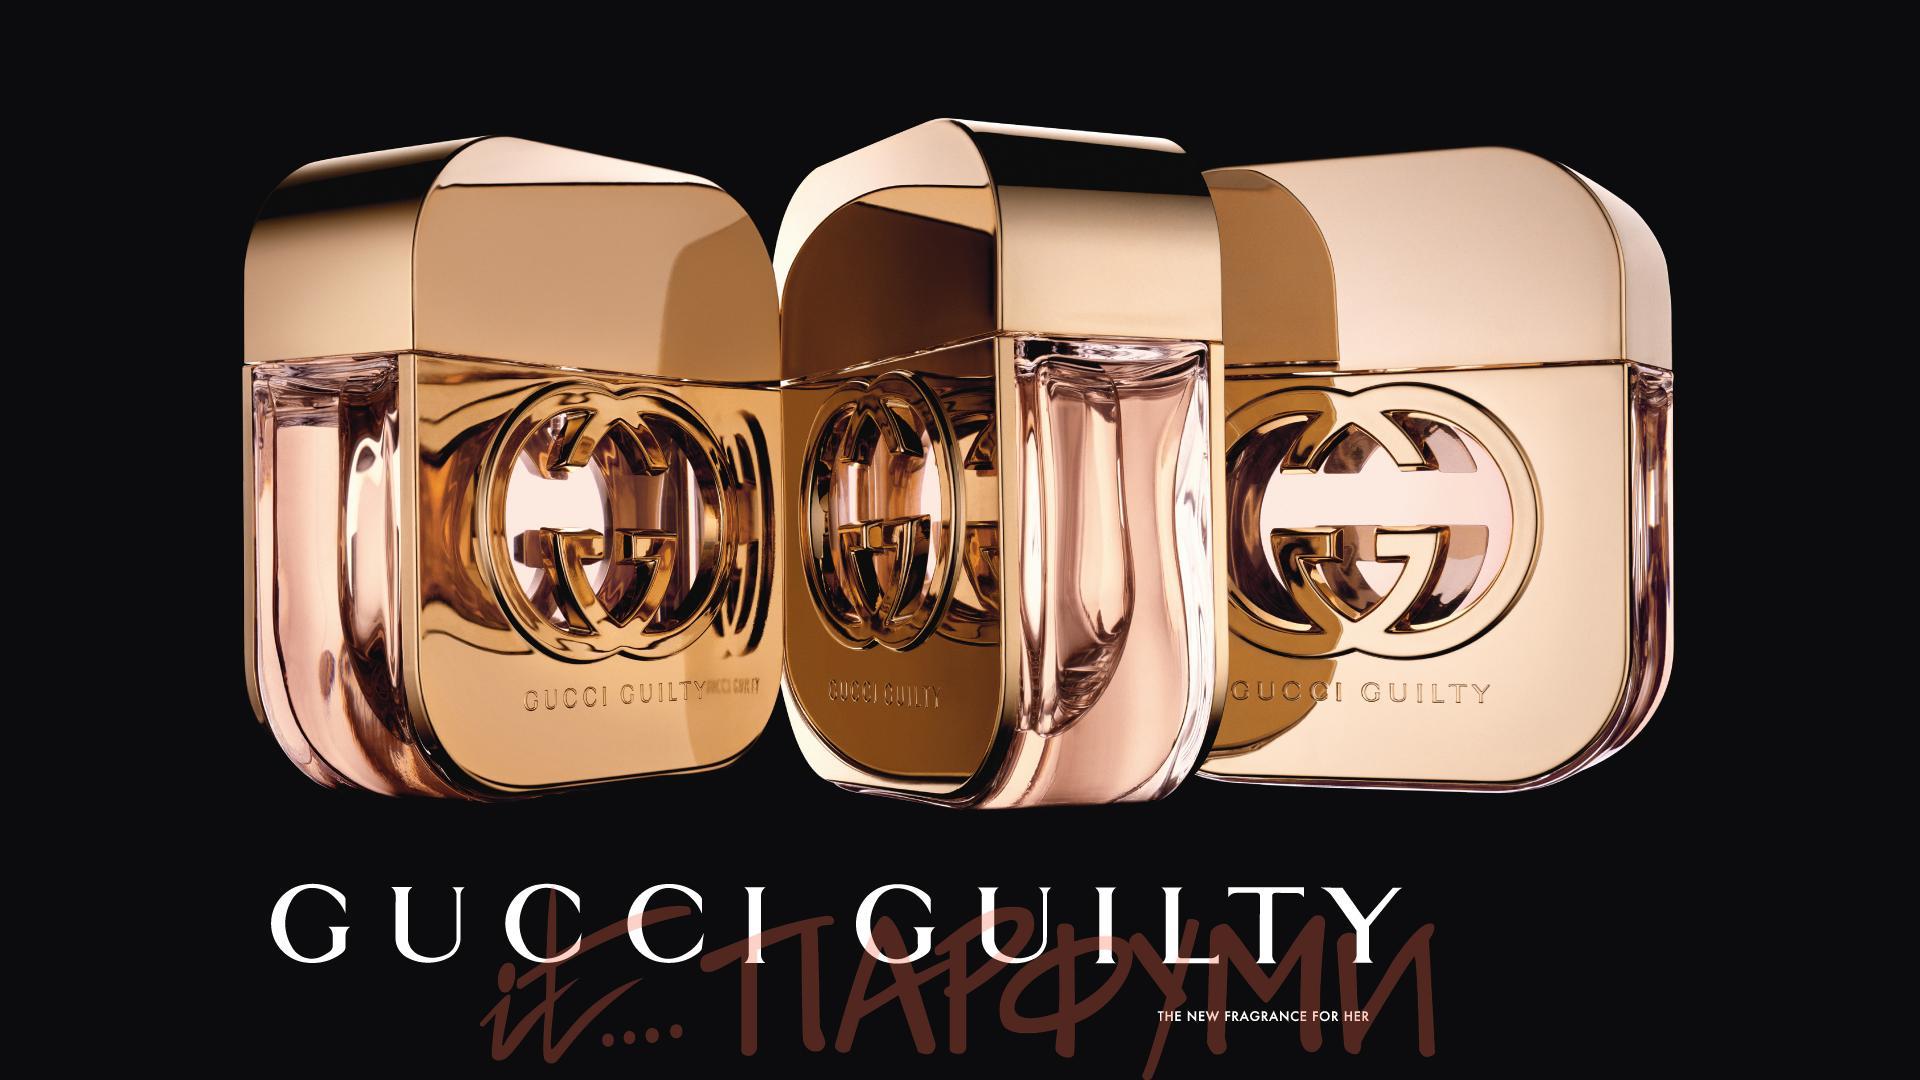 IT-Parfume Gucci Guilty 620da225c75c5